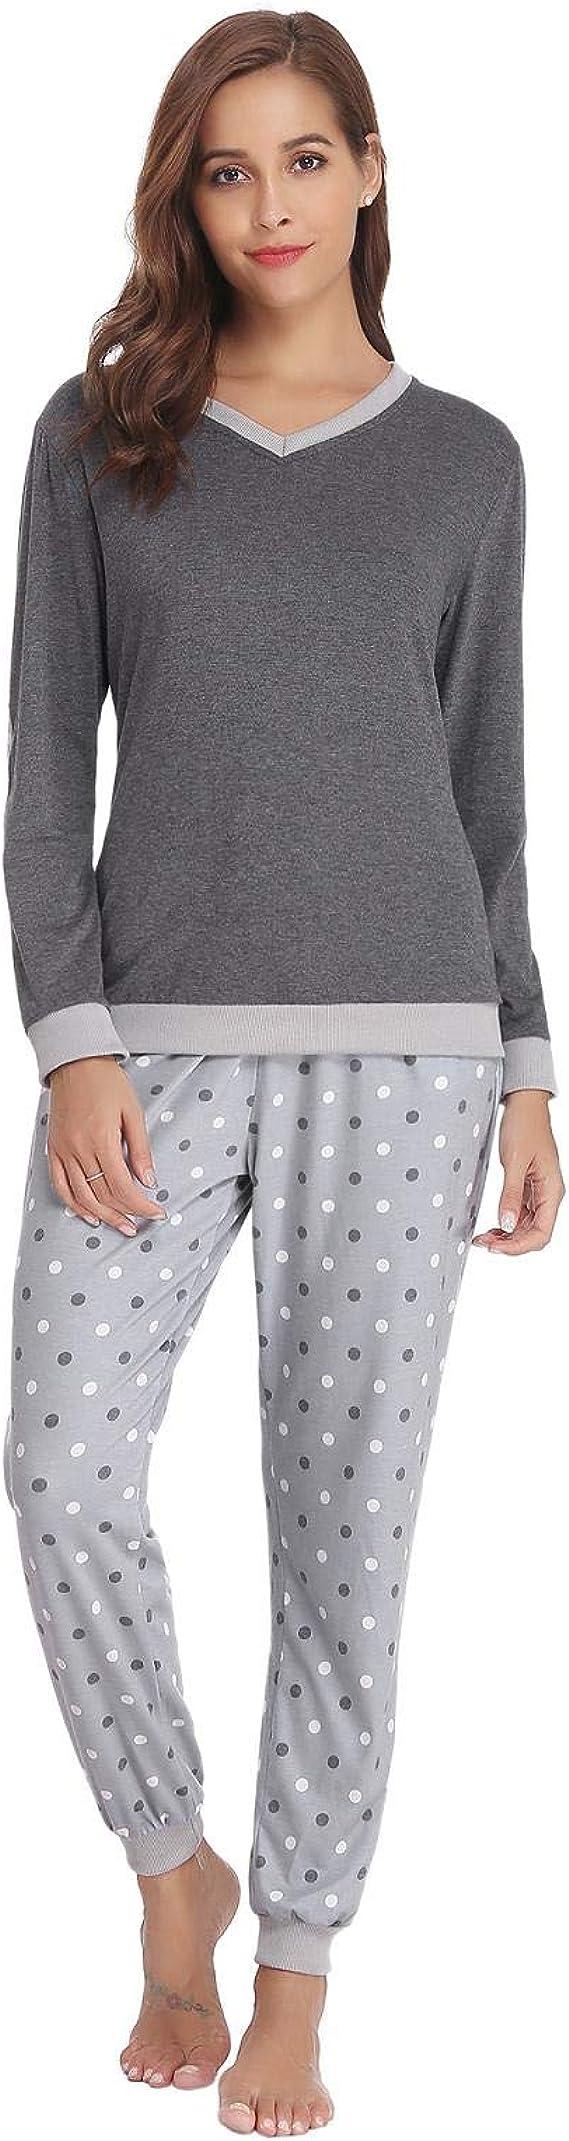 Aibrou Damen Zweiteiliges Pyjama Set Lange /Ärmel lose Schlafanzug mit B/ündchen am Taille